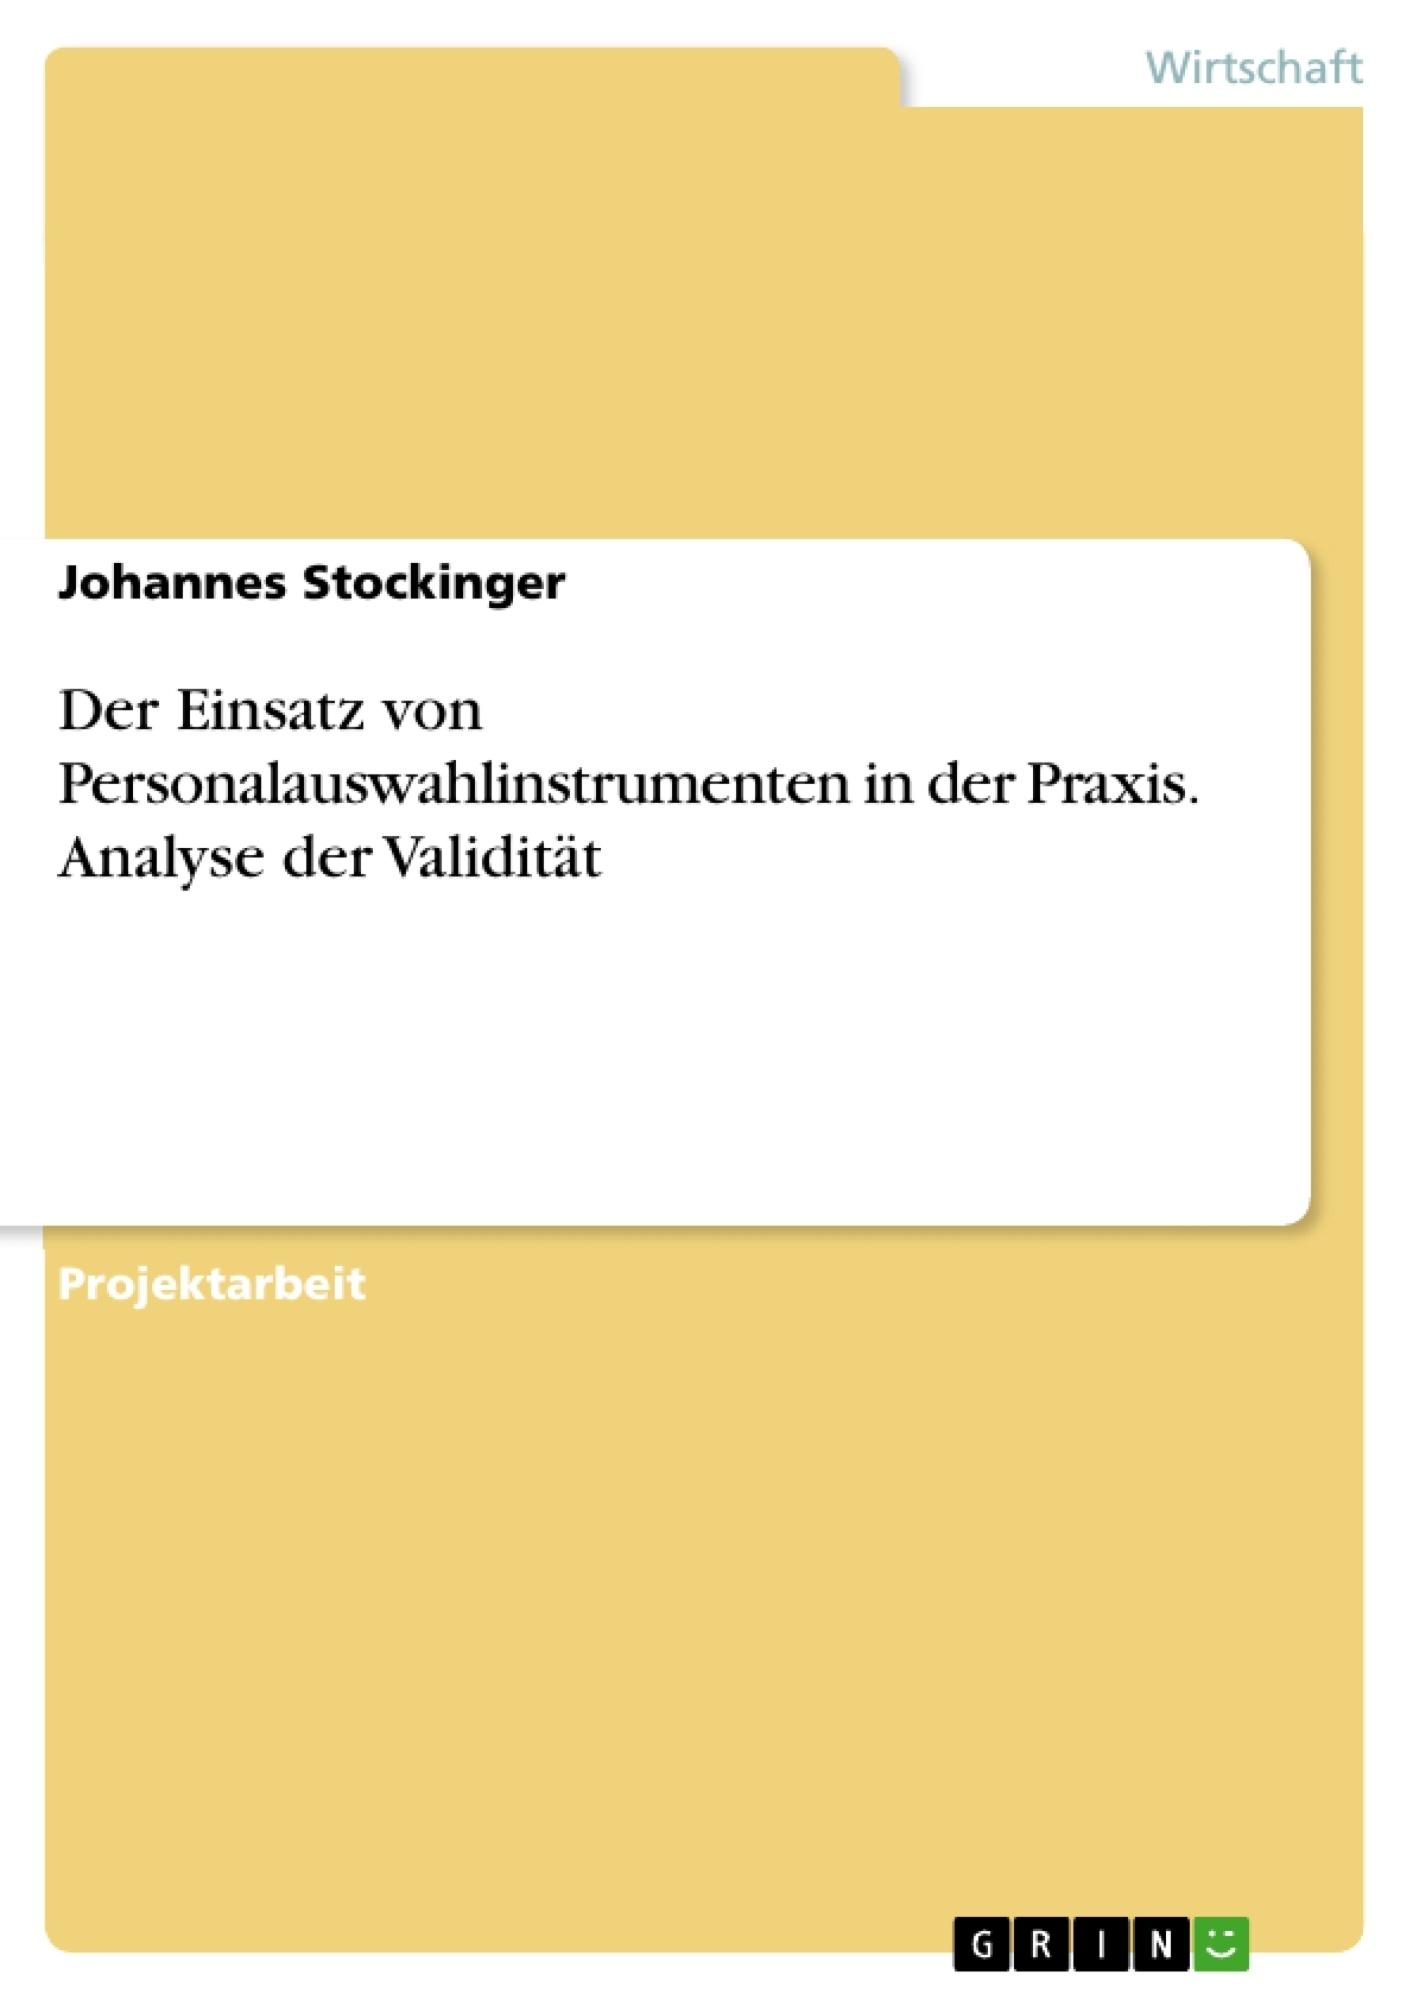 Titel: Der Einsatz von Personalauswahlinstrumenten in der Praxis. Analyse der Validität